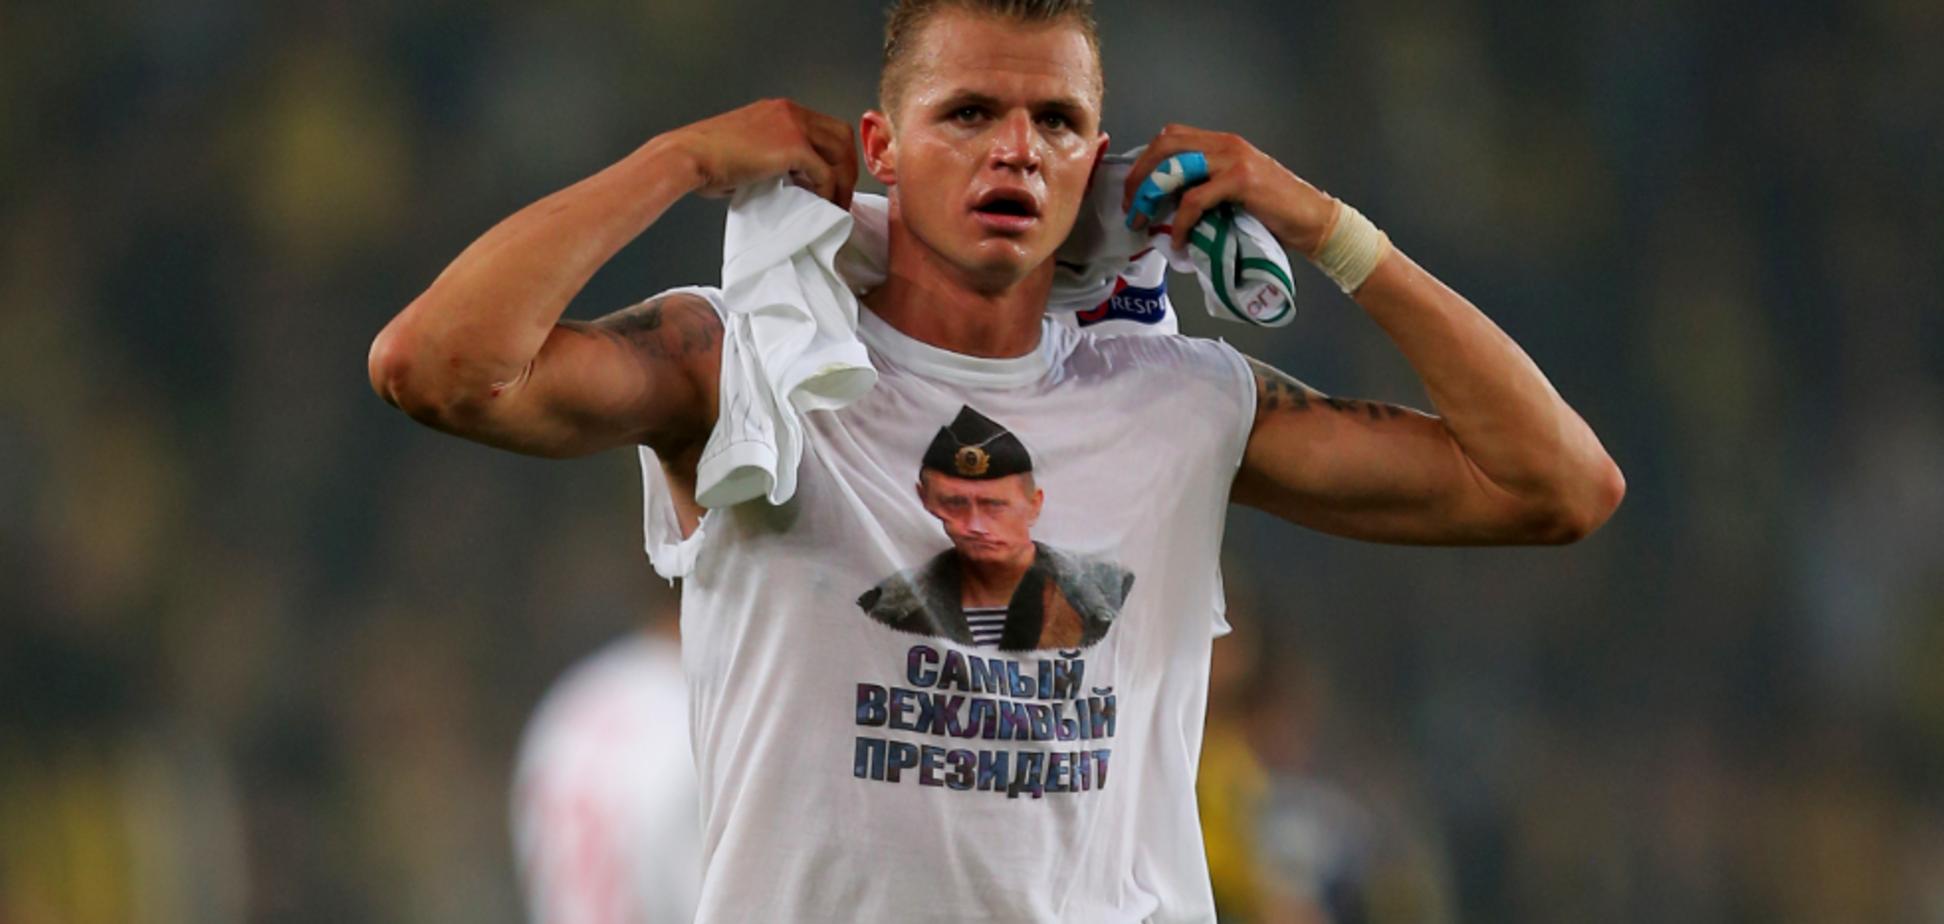 Топ провокаций России в спорте: почему в РФ не имеют права гнобить Хачериди